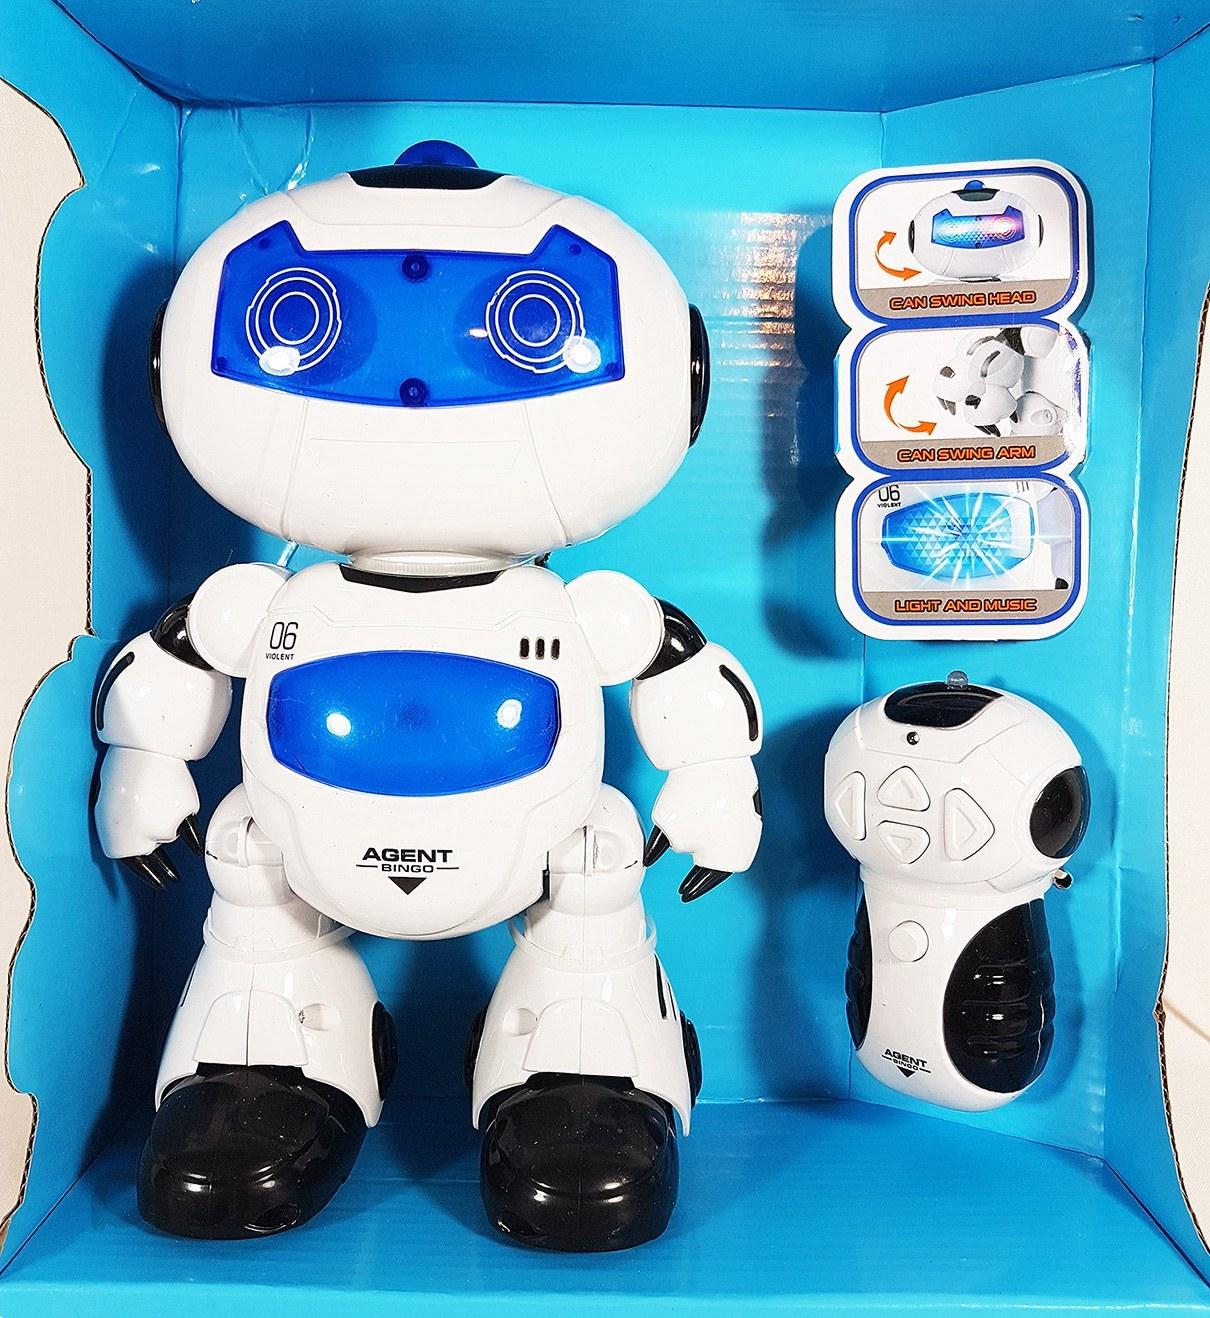 عکس ربات اسباب بازی کنترلی مدل Li Tian  ربات-اسباب-بازی-کنترلی-مدل-li-tian